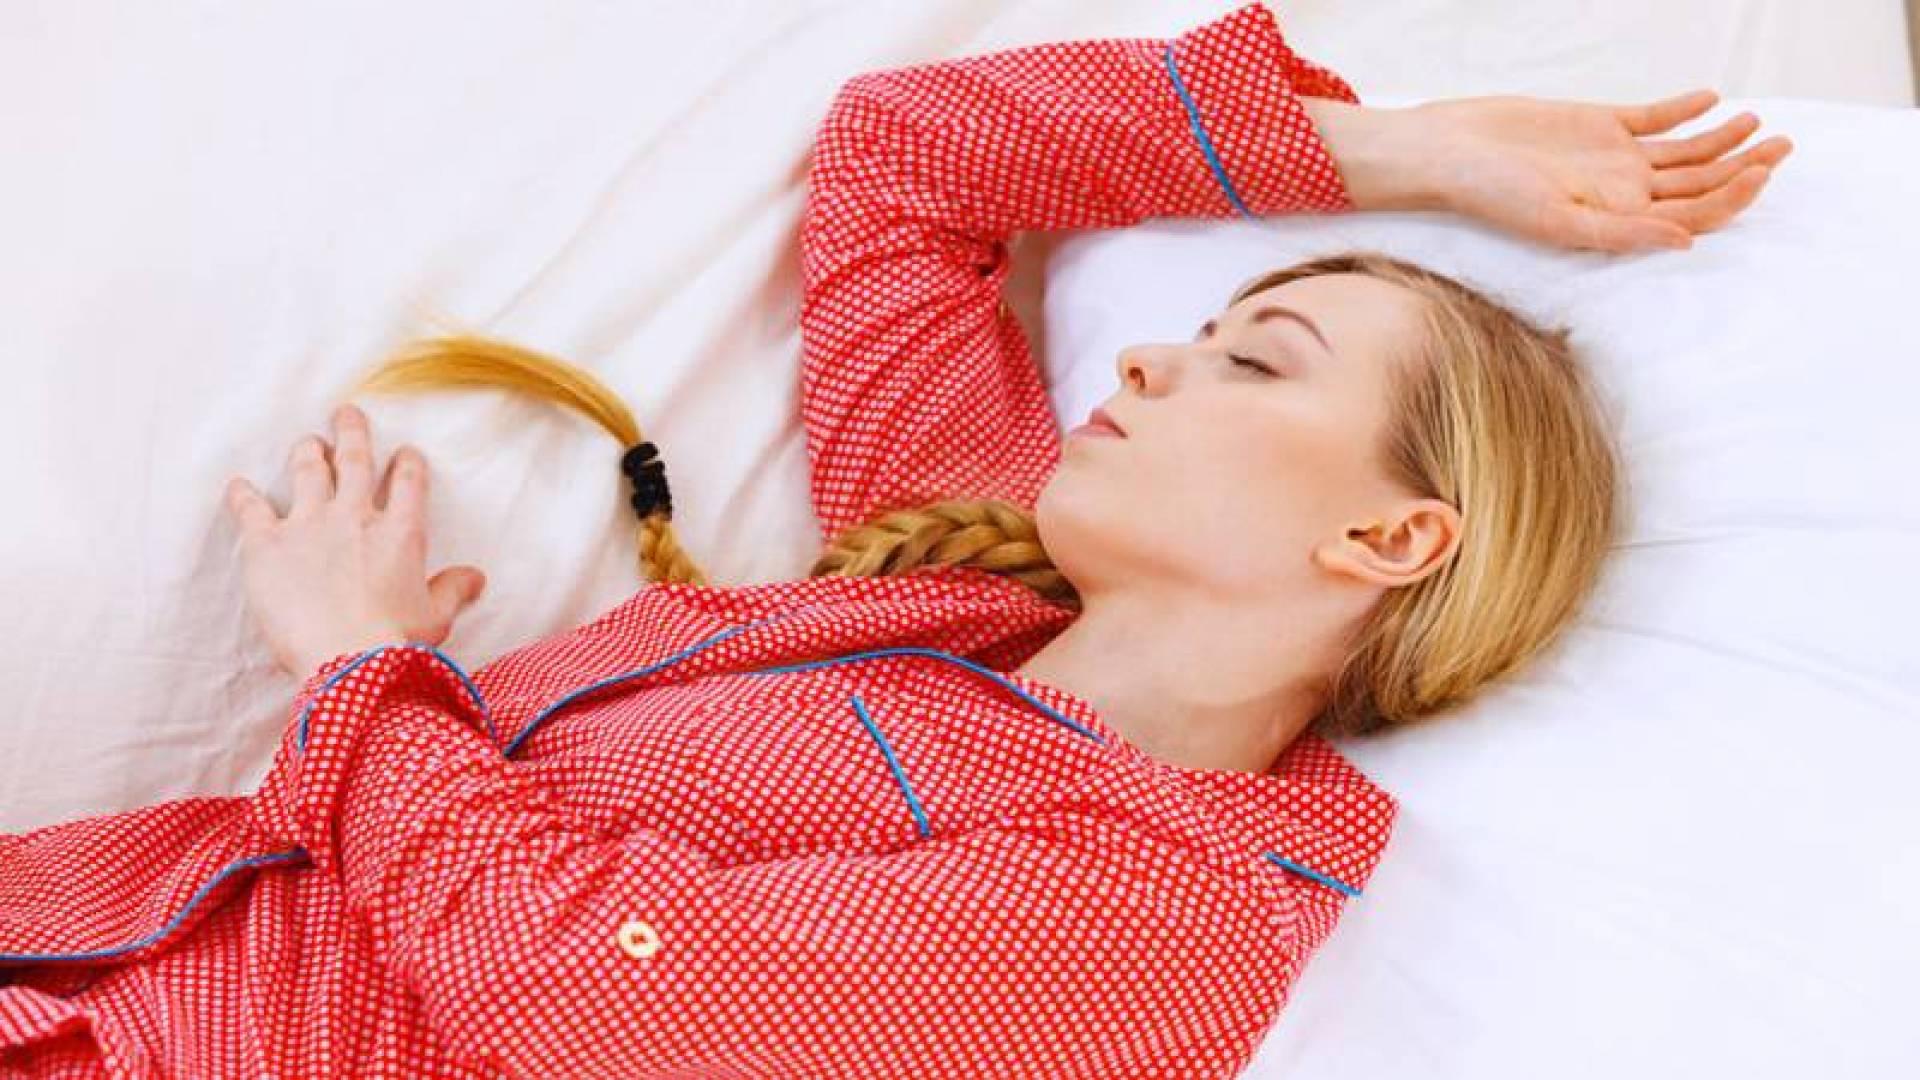 ماذا يحدث لأجسامنا إذا أفرطنا في النوم؟